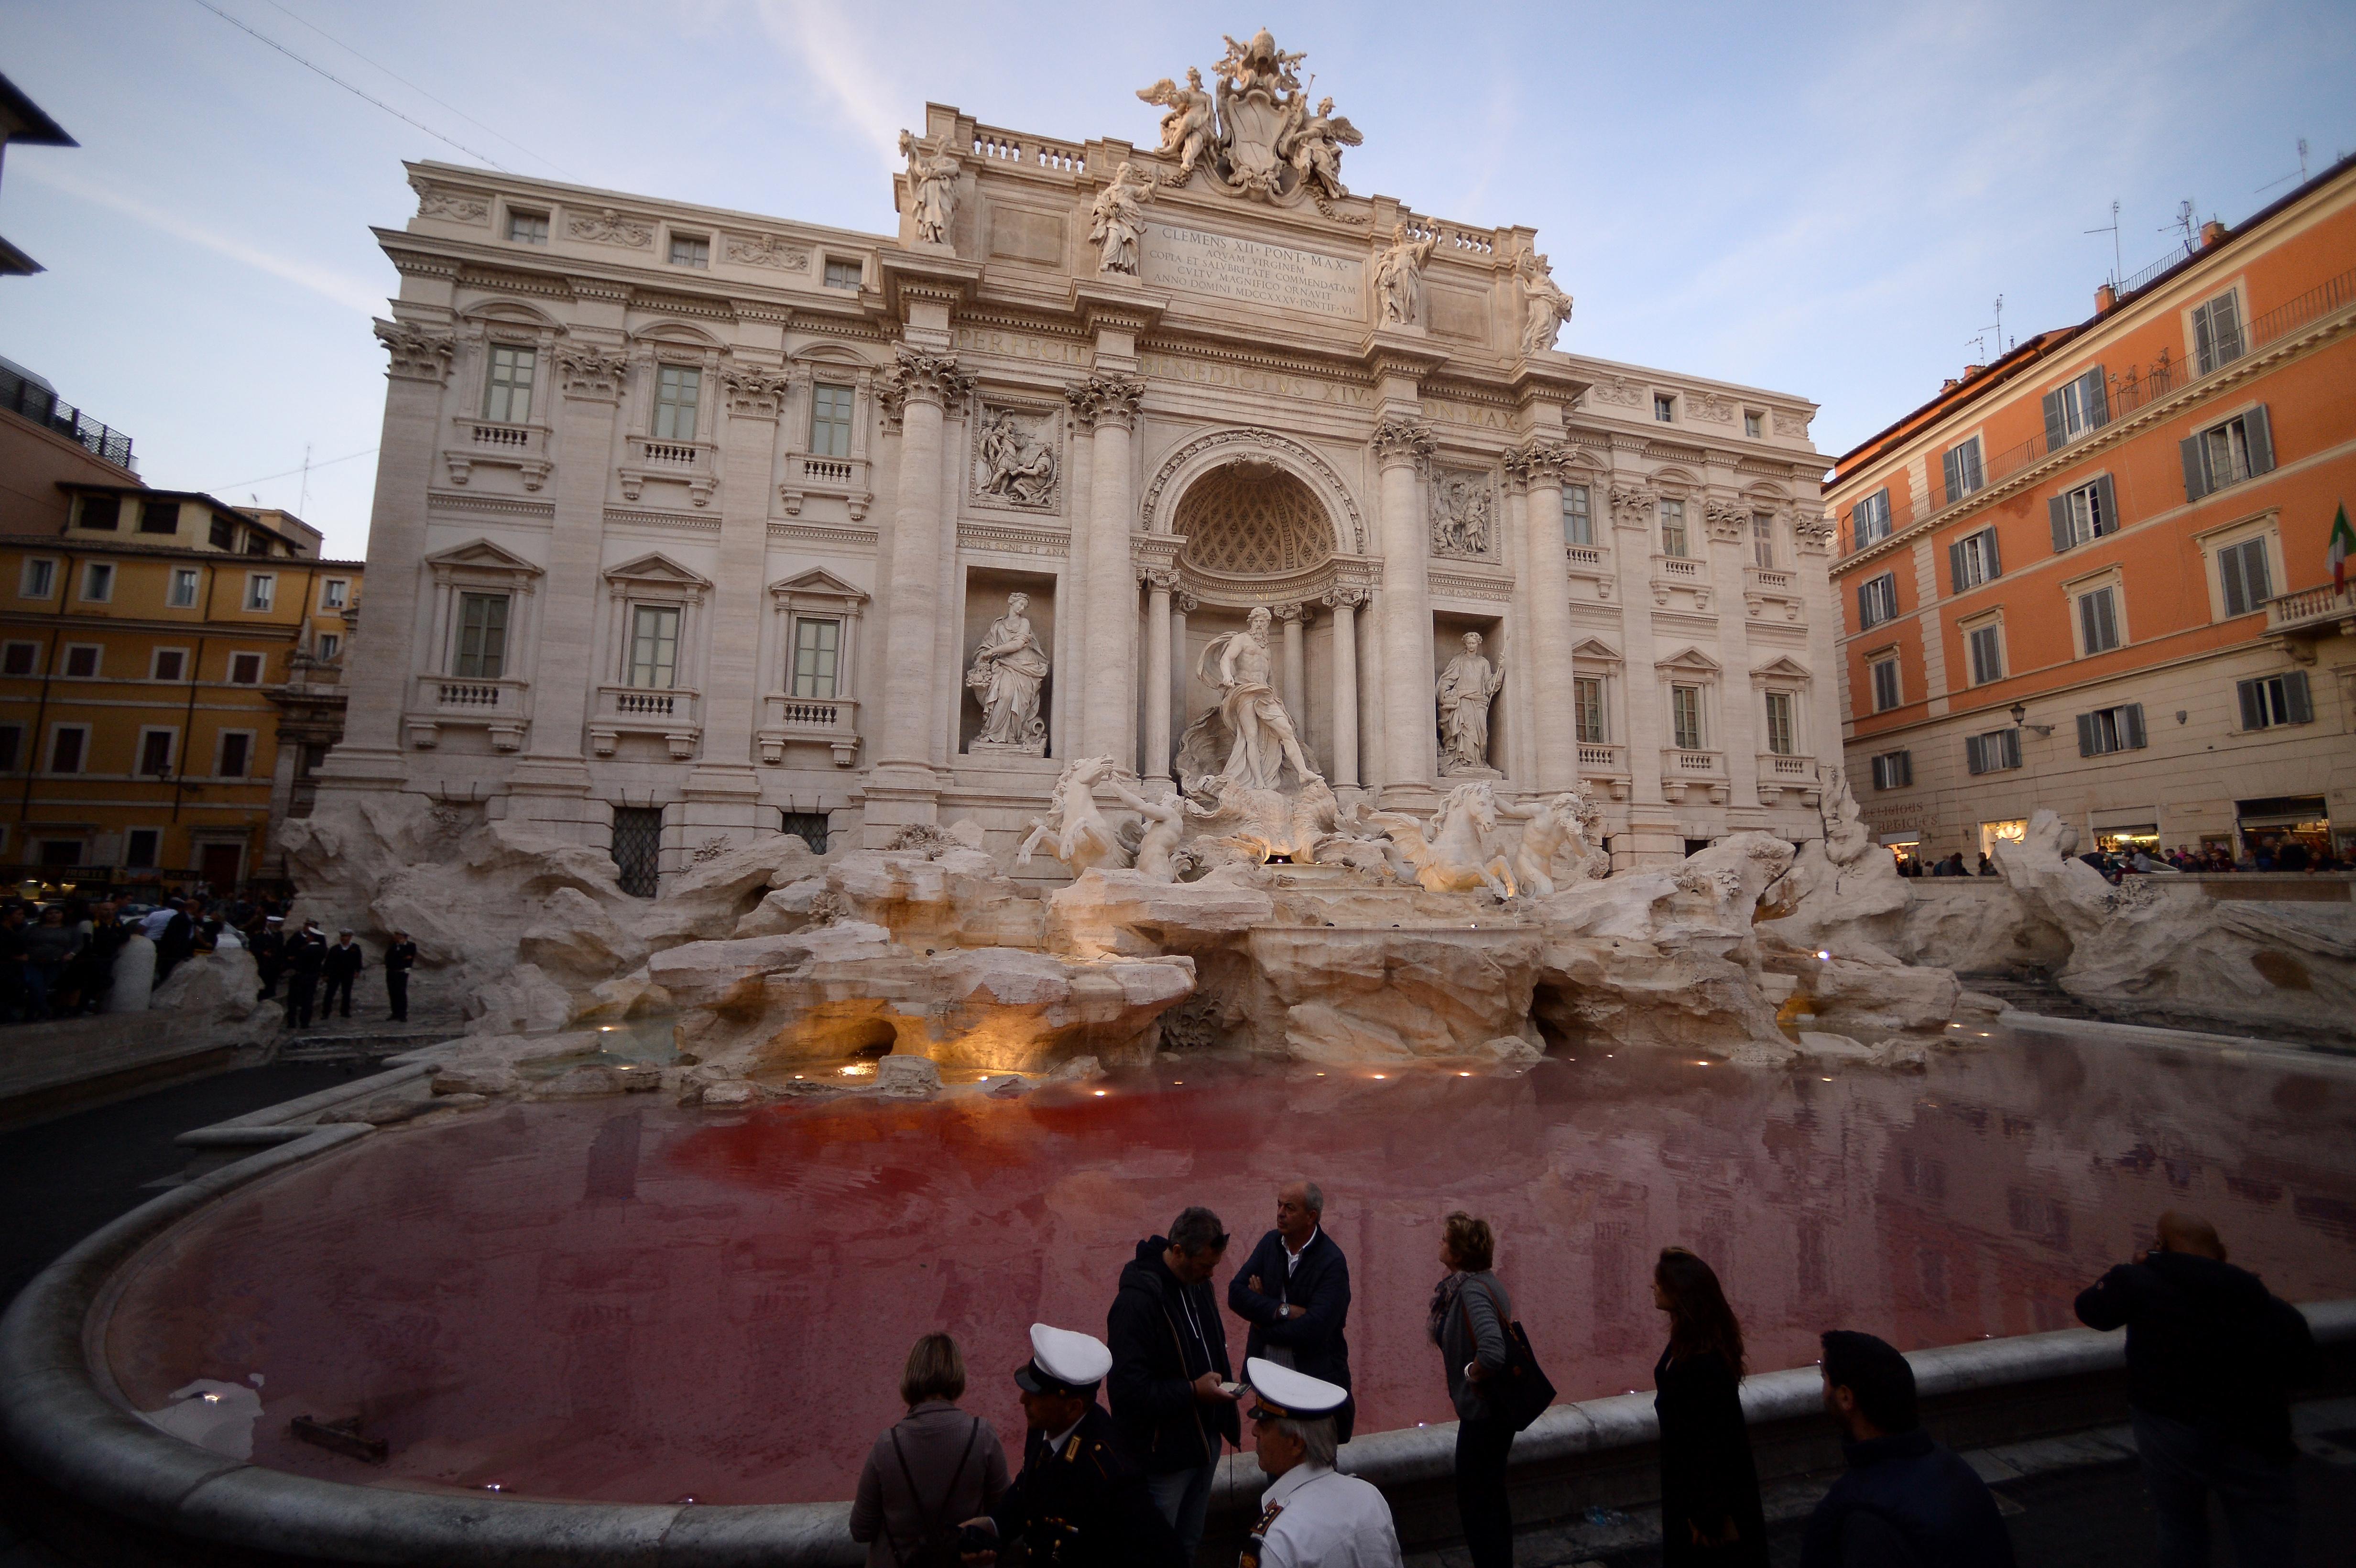 Egy aktivista vörösre festette a Trevi-kutat